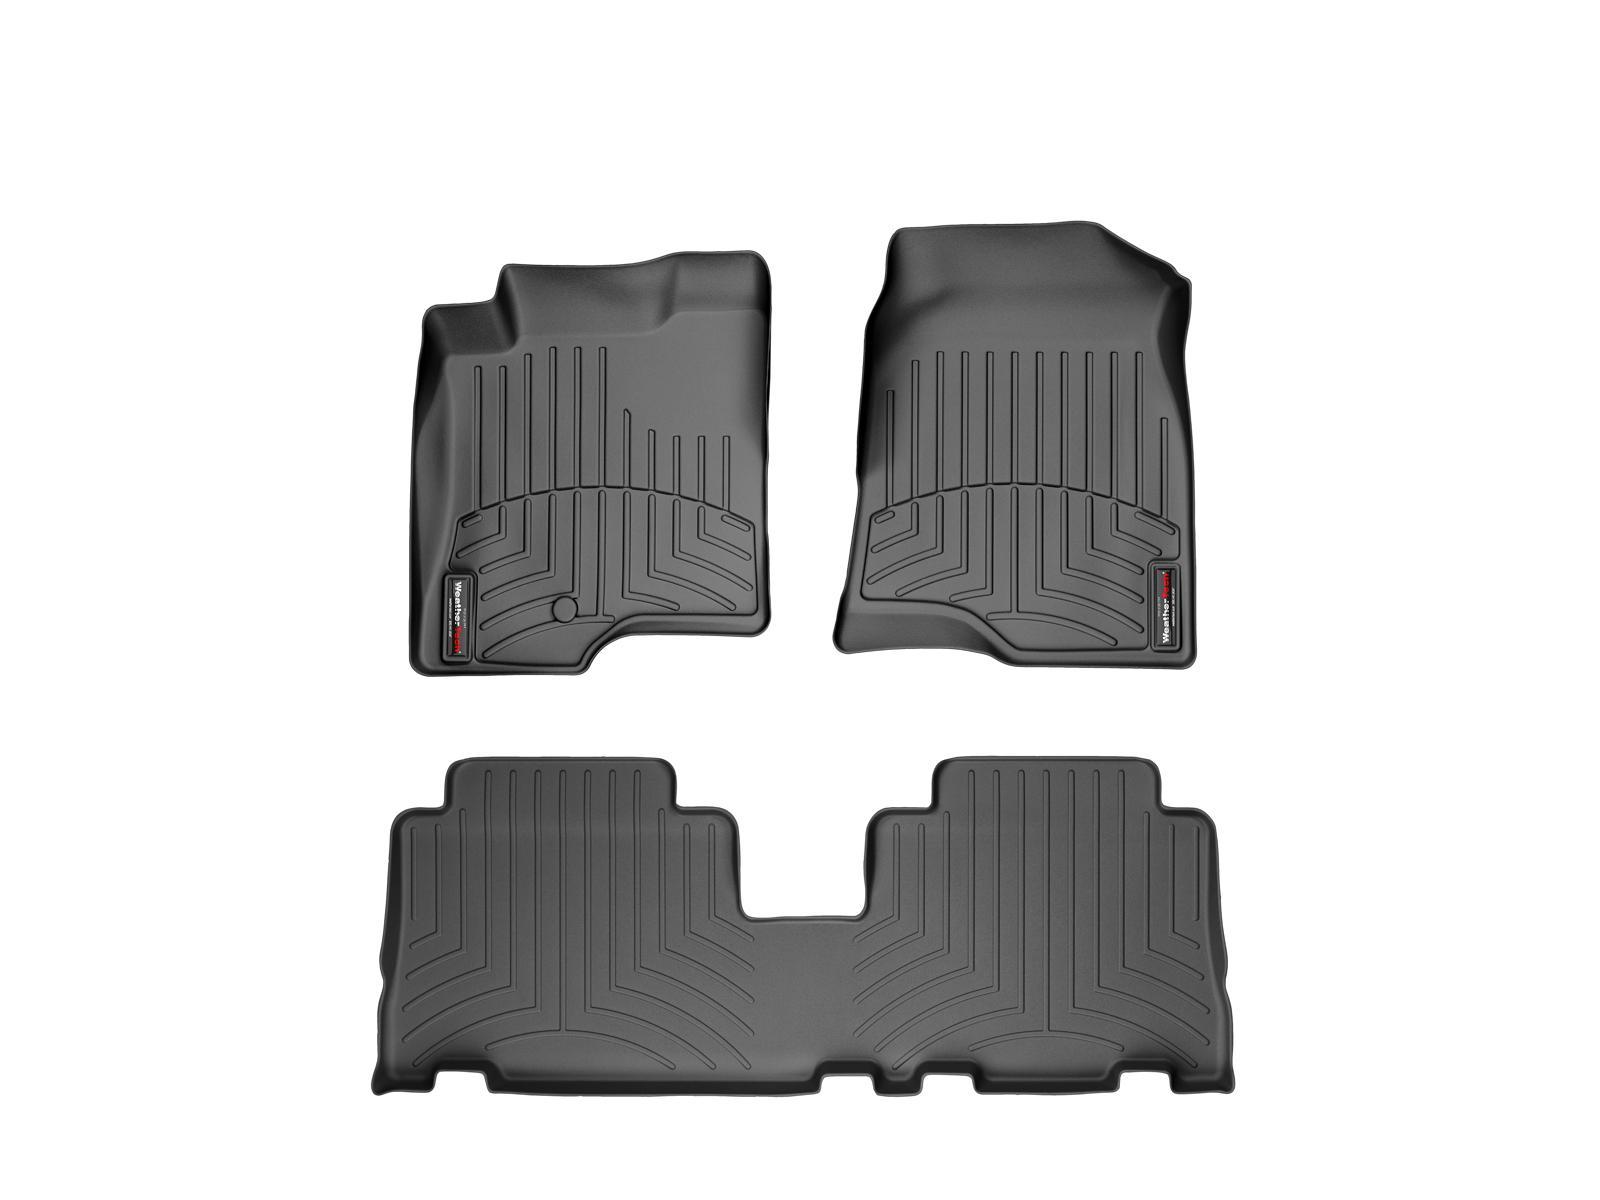 Tappeti gomma su misura bordo alto Chevrolet Captiva 06>11 Nero A112*